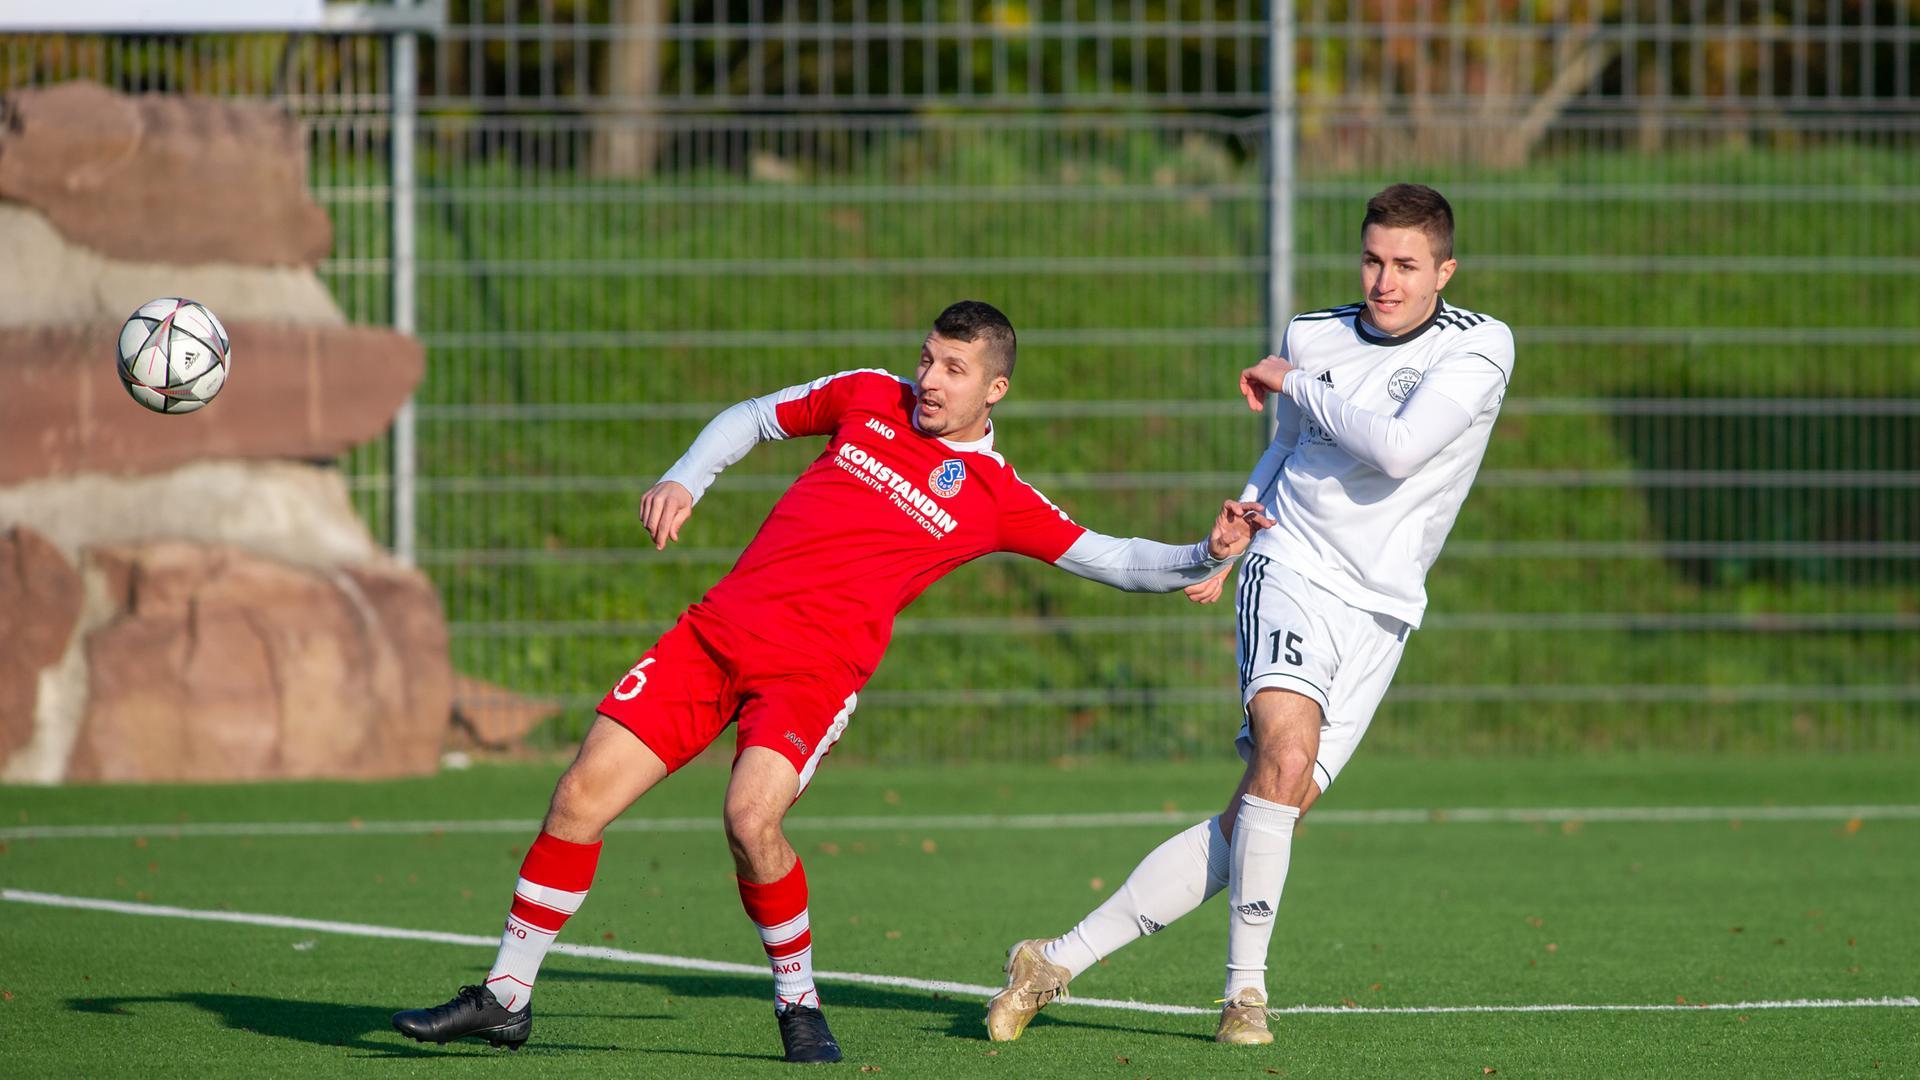 Michael Fuerbass (Hambruecken) , rechts, gegen Simon Markovic (Mutschelbach)), links.  GES/ Fussball/ ATSV Mutschelbach 2 - FV Hambruecken 10.11.2019--